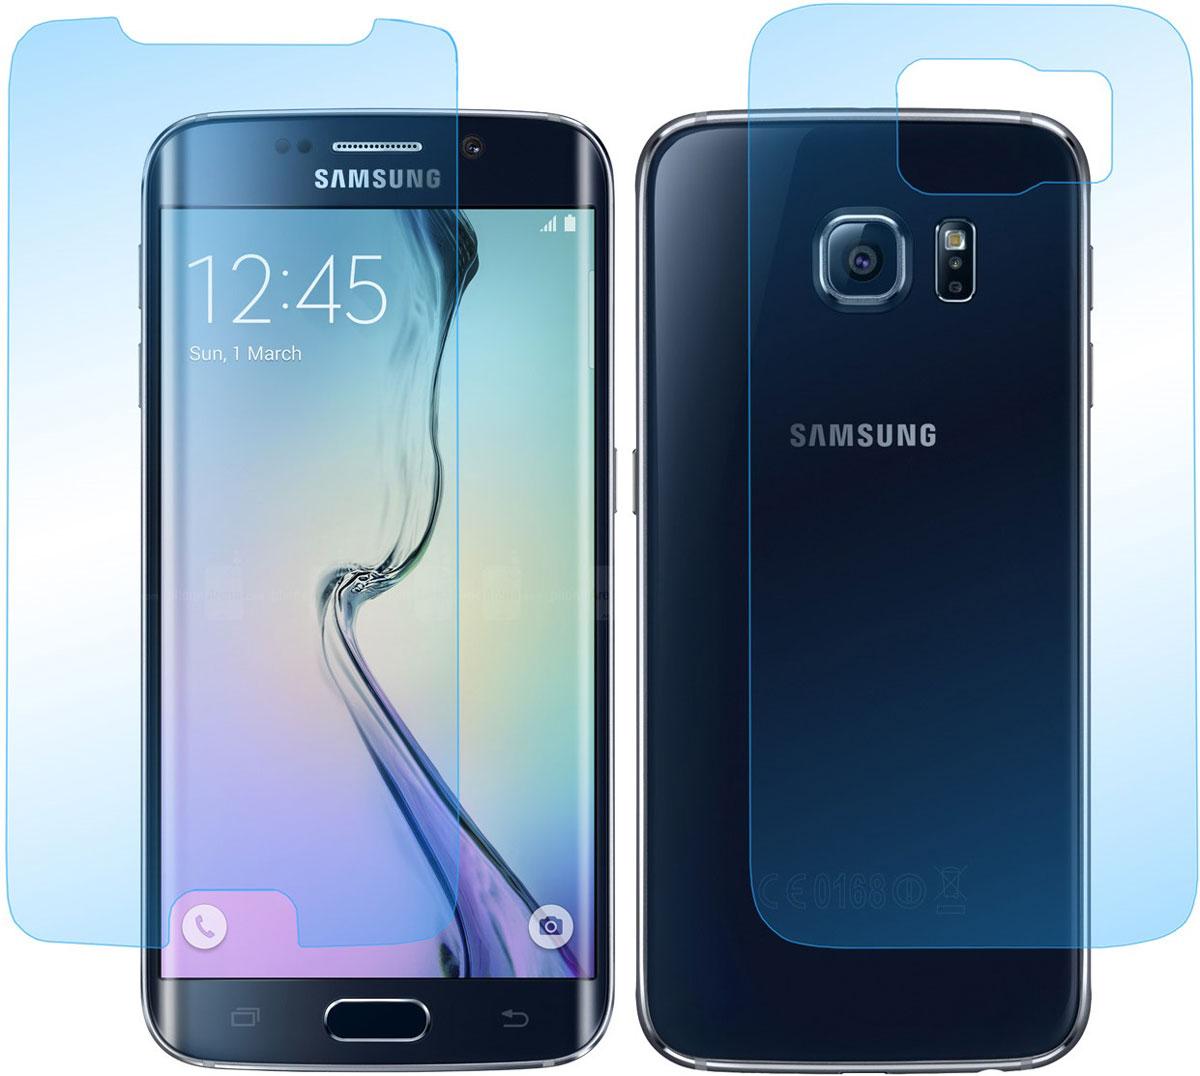 Skinbox защитное стекло на 2 стороны для Samsung Galaxy S6, глянцевоеSP-141Защитное стекло Skinbox для Samsung Galaxy S6 предназначено для защиты поверхности экрана от царапин, потертостей, отпечатков пальцев и прочих следов механического воздействия. Оно имеет окаймляющую загнутую мембрану последнего поколения, а также олеофобное покрытие. Изделие изготовлено из закаленного стекла высшей категории, с высокой чувствительностью и сцеплением с экраном.